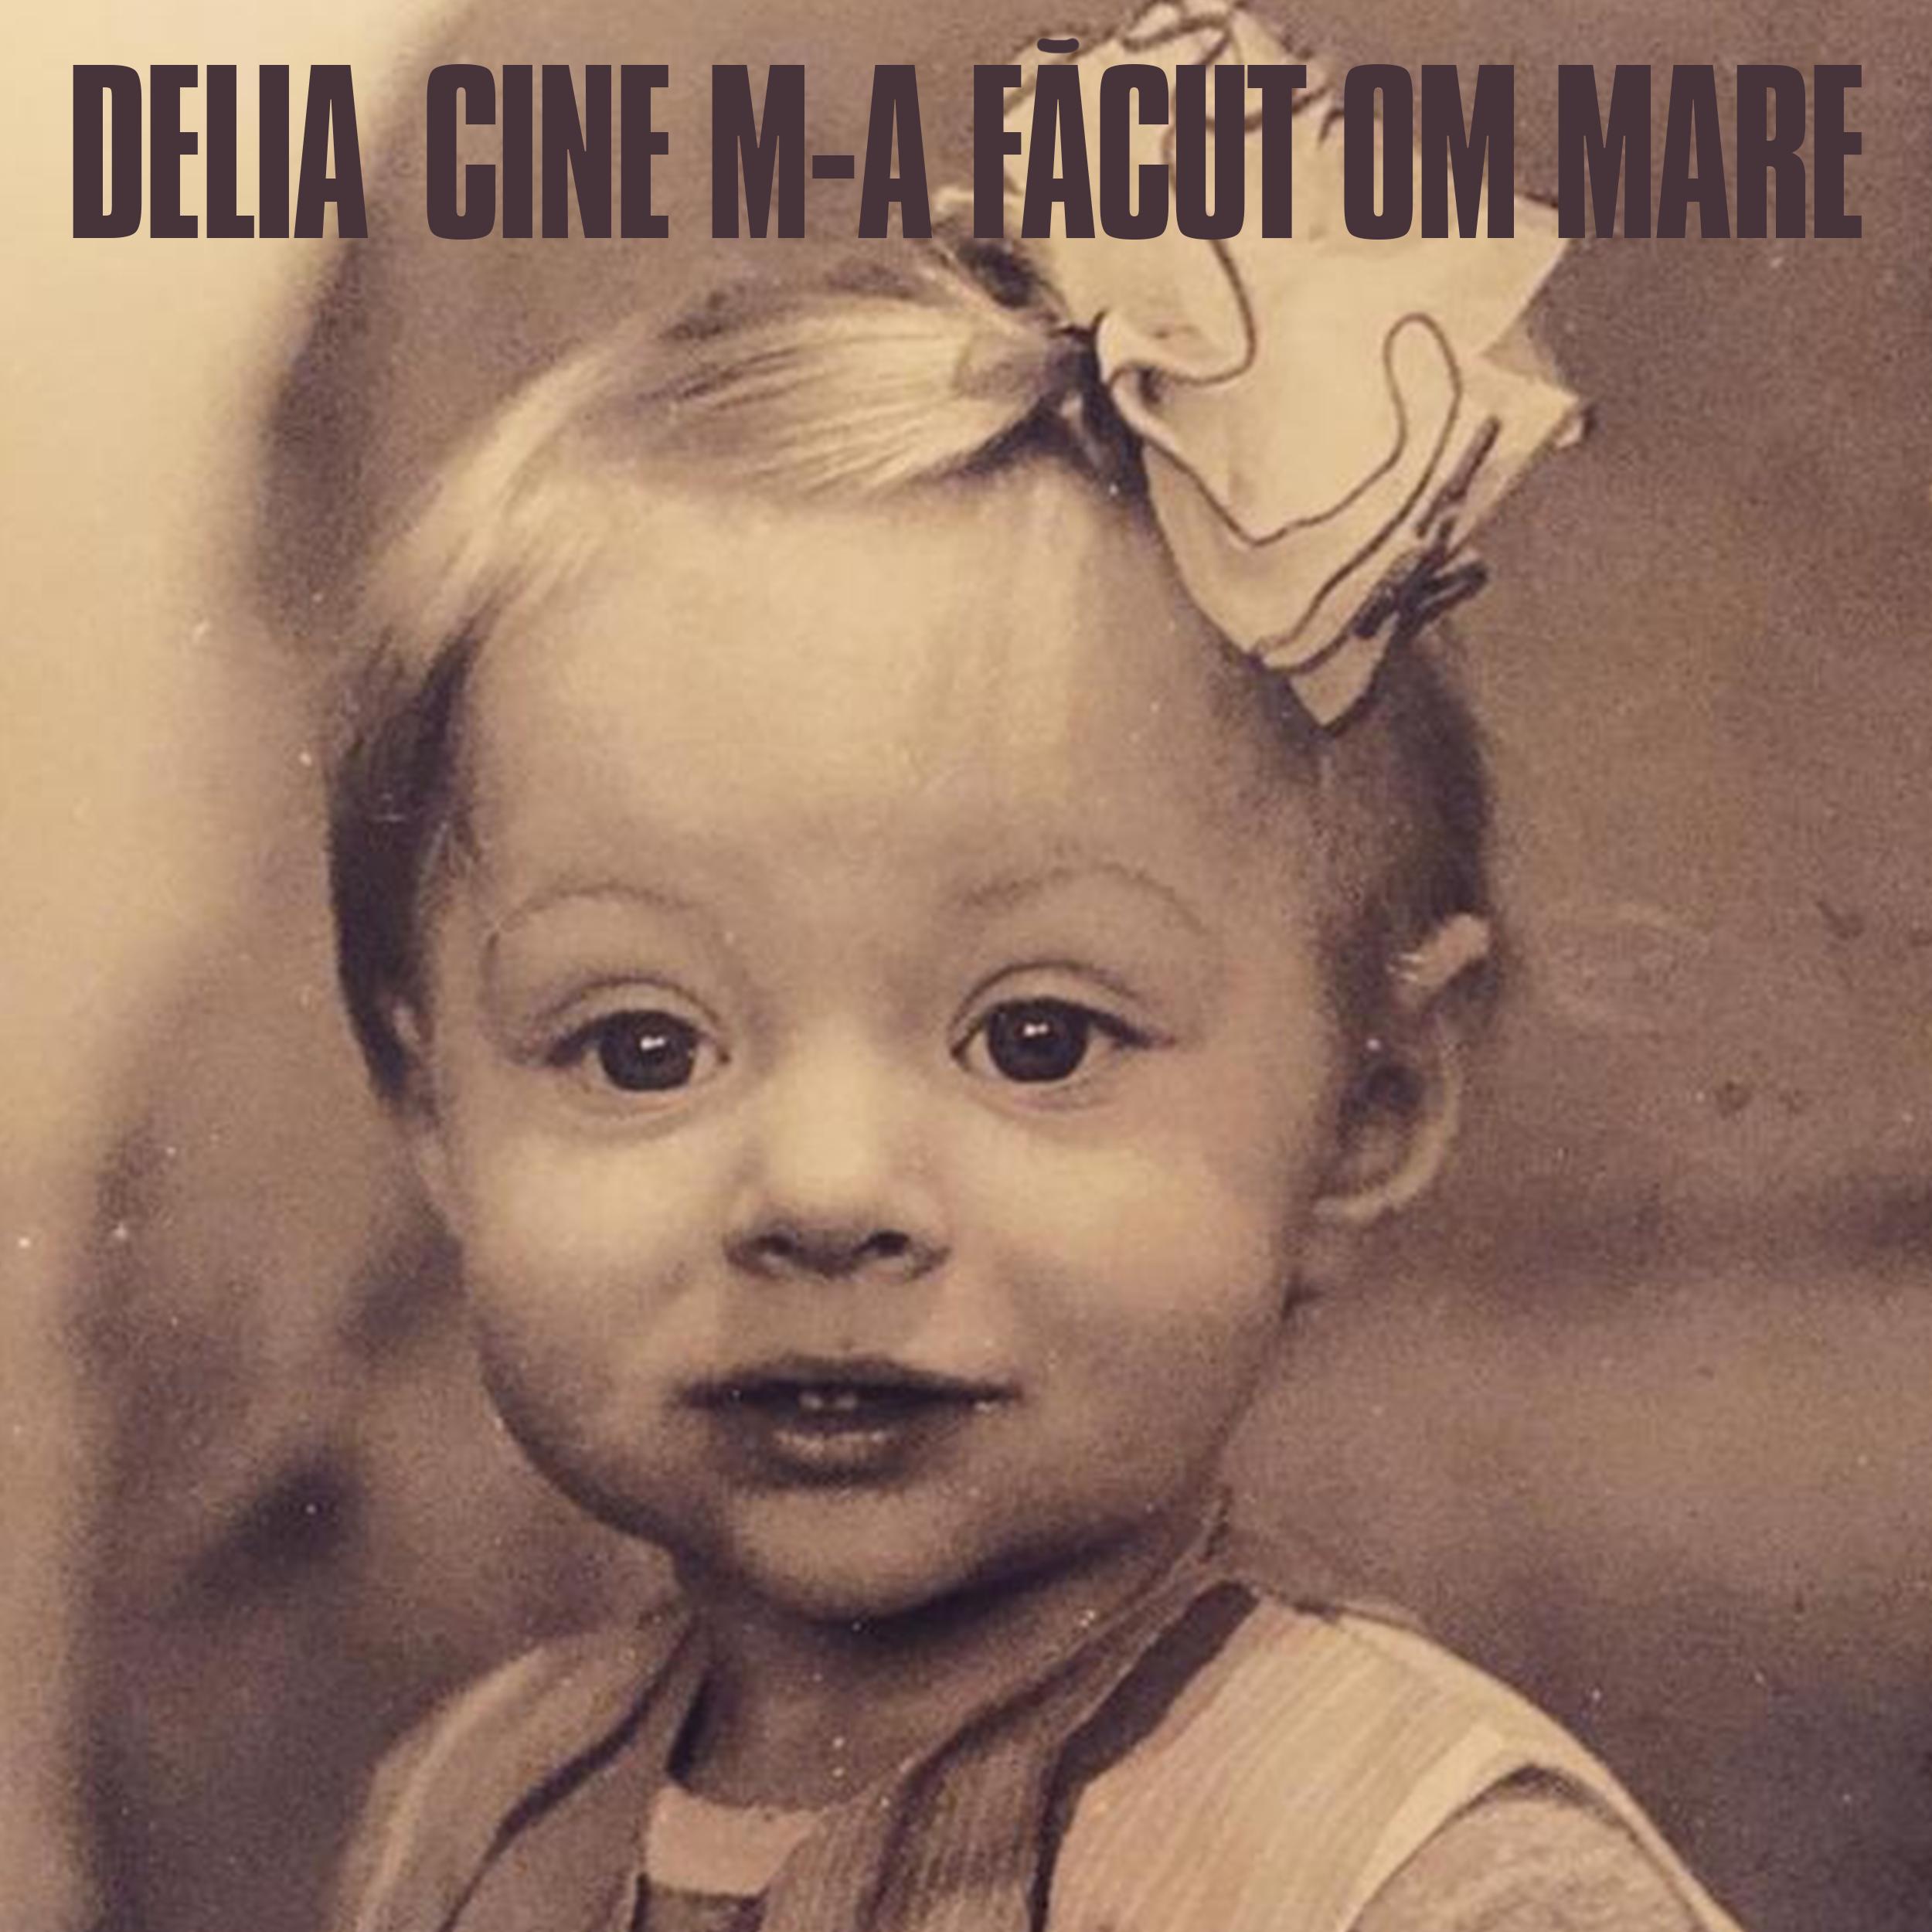 """Delia lanseaza videoclipul piesei """"Cine m-a facut om mare"""""""